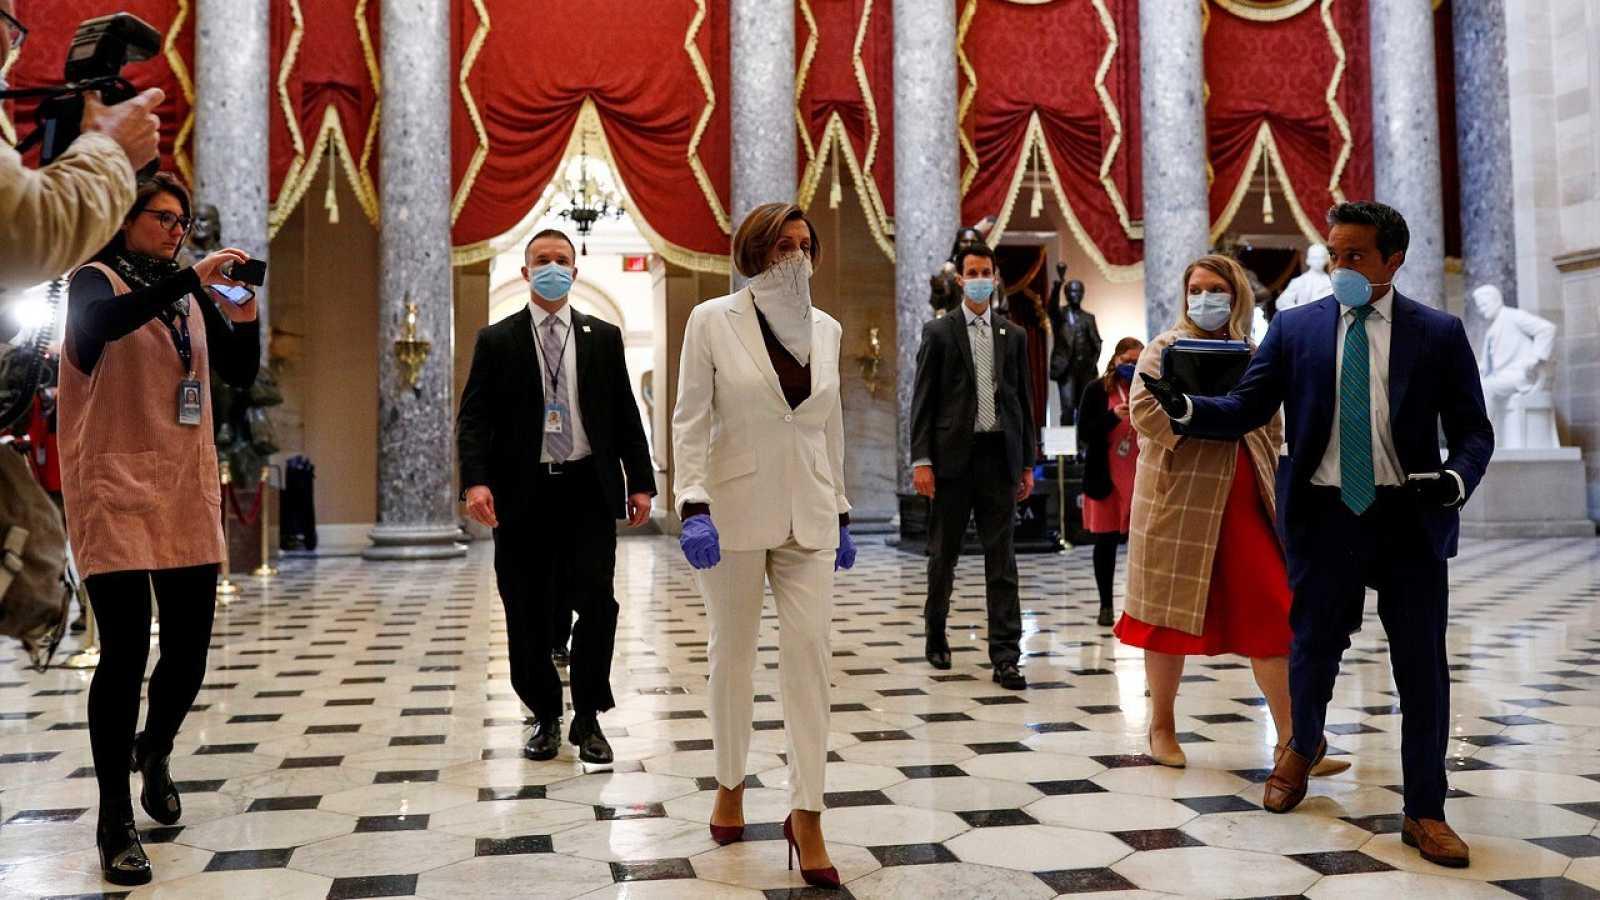 La presidenta de la Cámara de Representantes, Nancy Pelosi, antes de la votación del plan de rescate